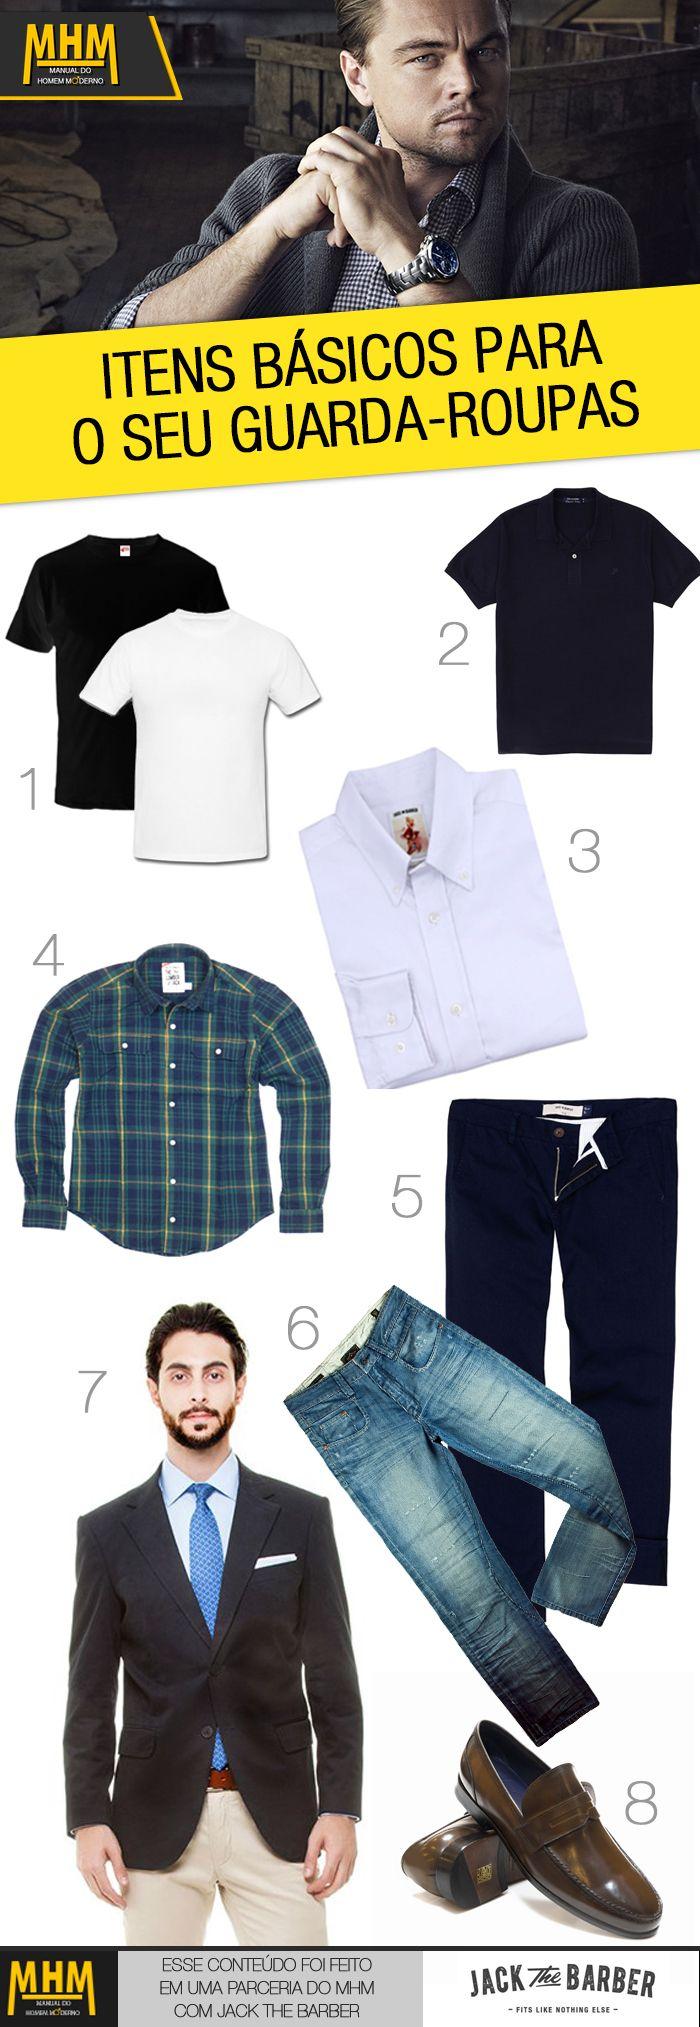 intas basicos para o guarda-roupas masculina